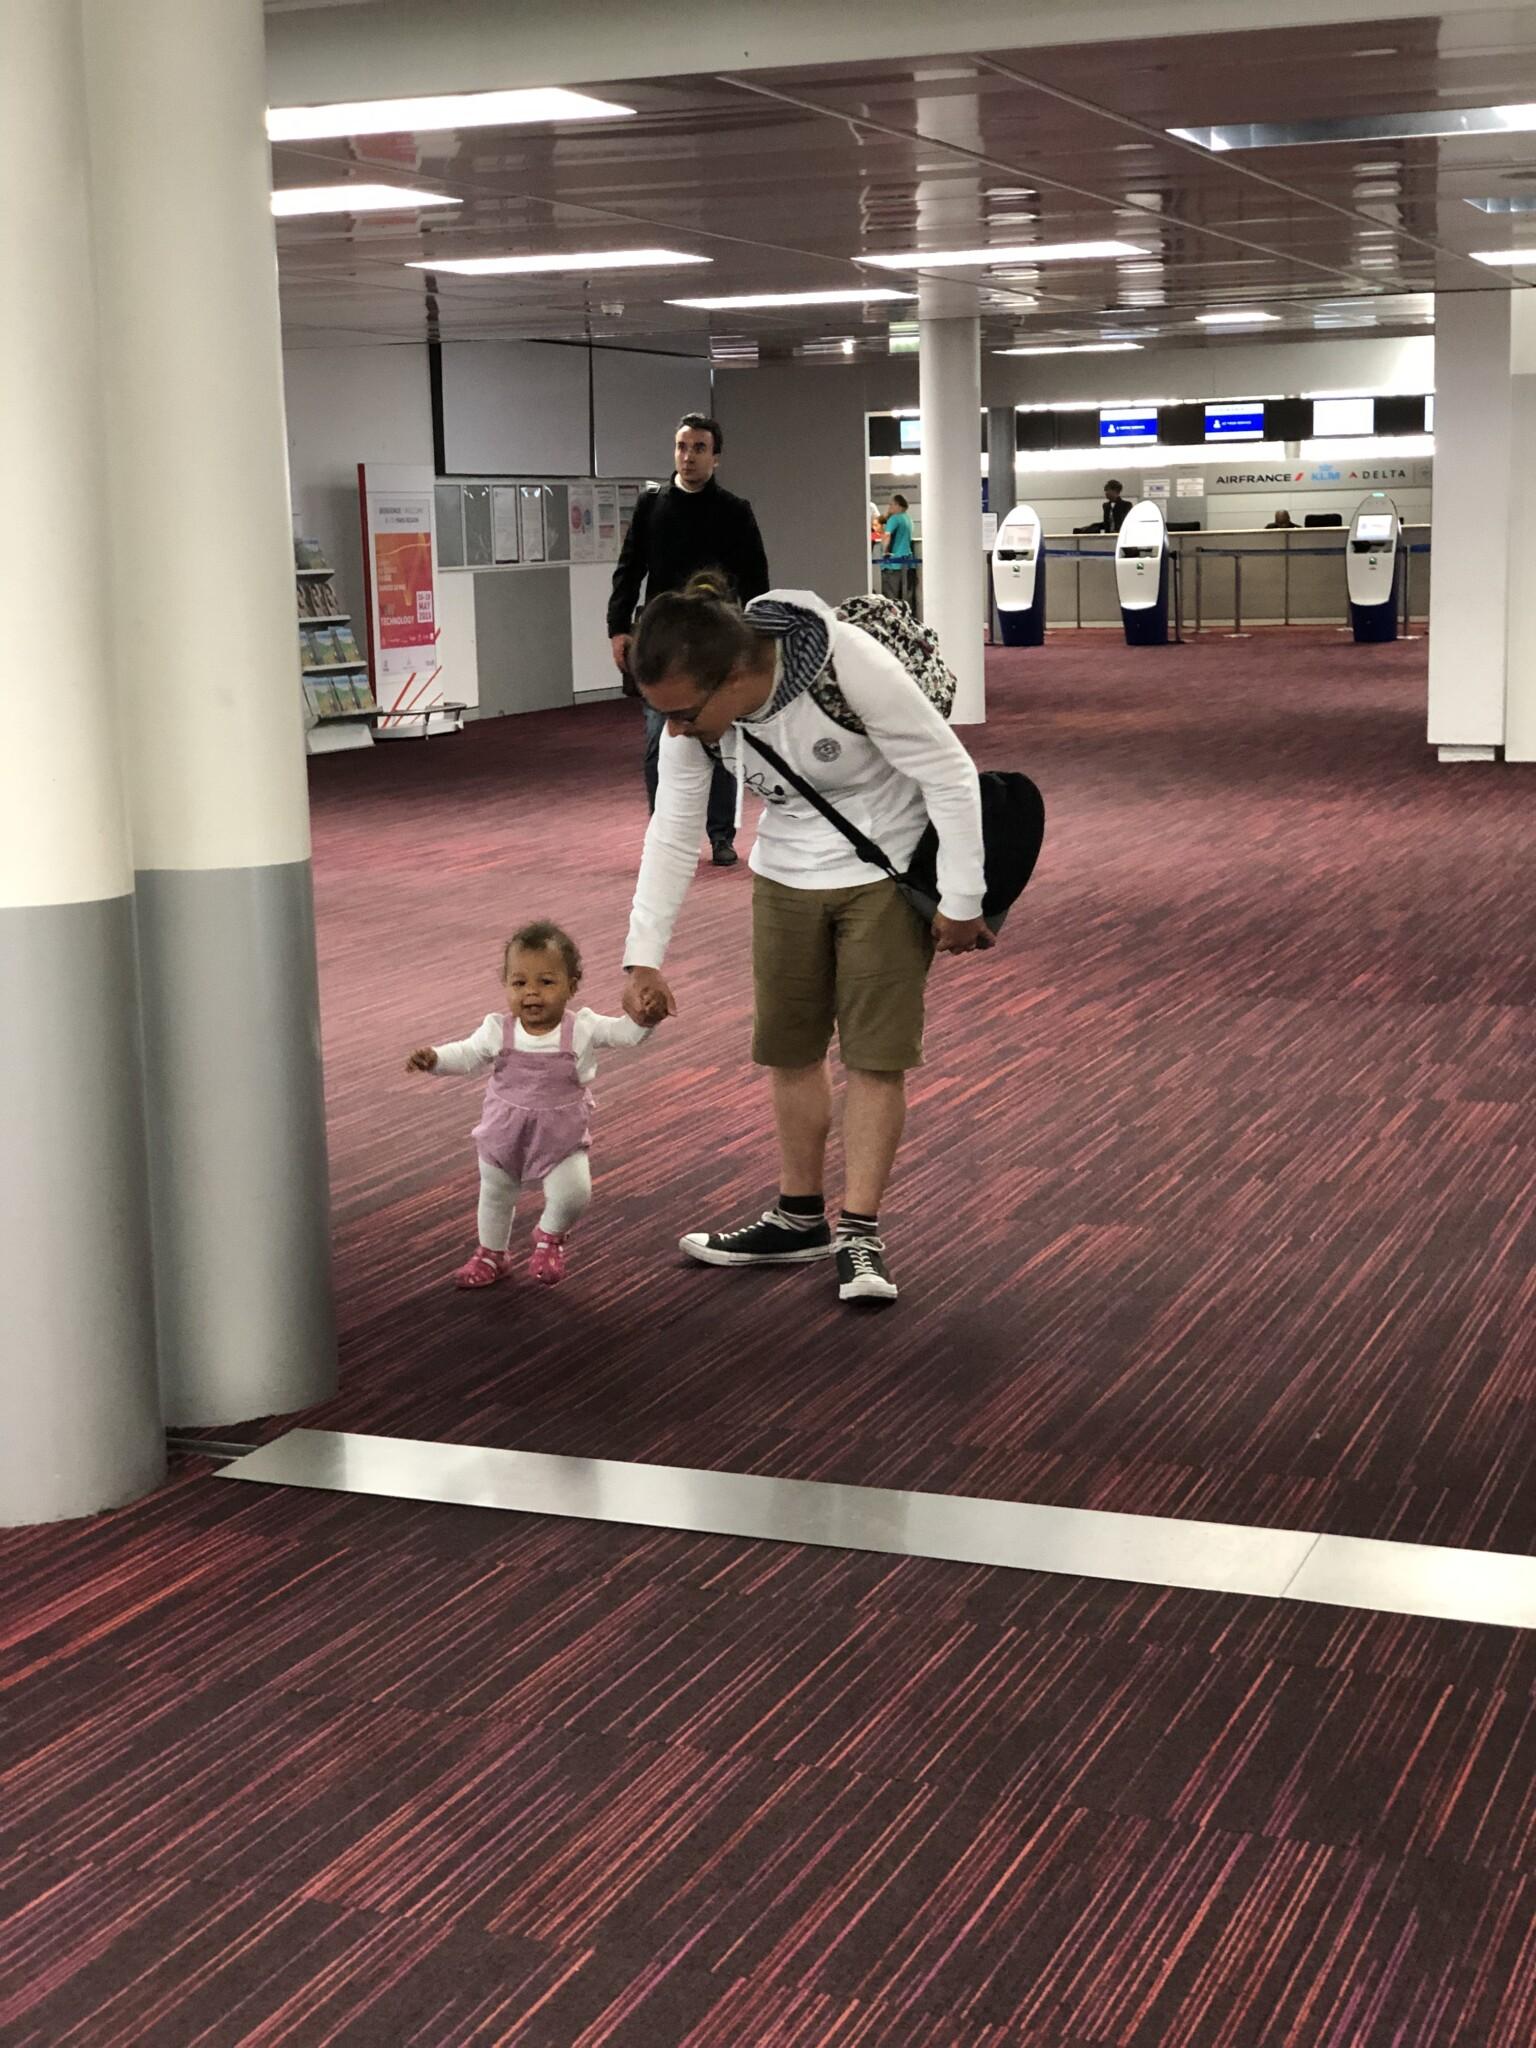 2 semaines en Floride avec un bébé de 1 an - Séjour du 2 au 16 mai 2019 DCL + WDW - Page 18 IMG_1466-1536x2048